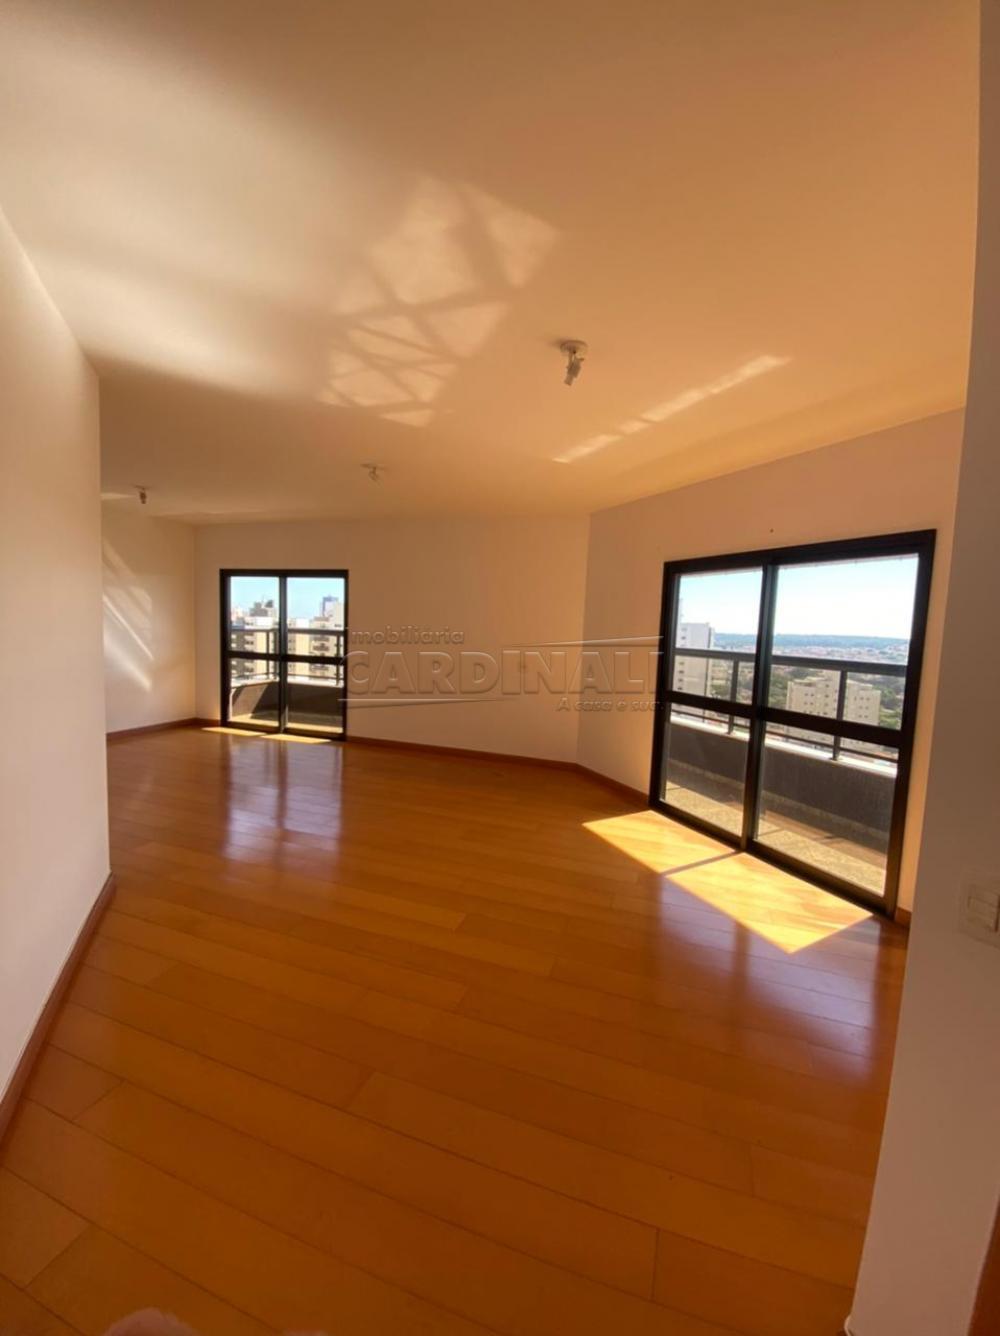 Alugar Apartamento / Padrão em São Carlos R$ 1.778,00 - Foto 1